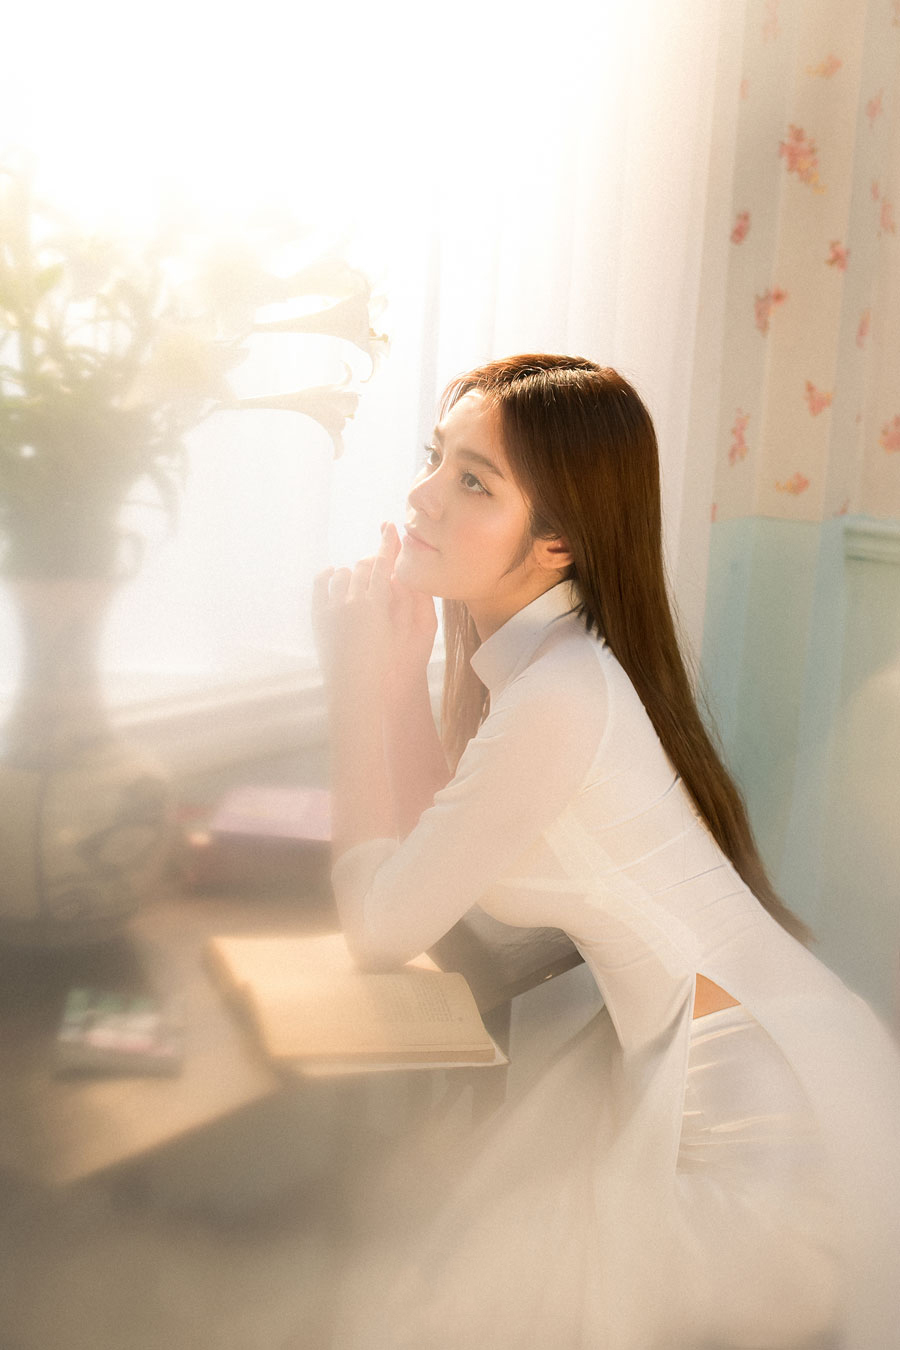 Hình ảnh bất ngờ của 'gái ngành' phim Quỳnh Búp Bê